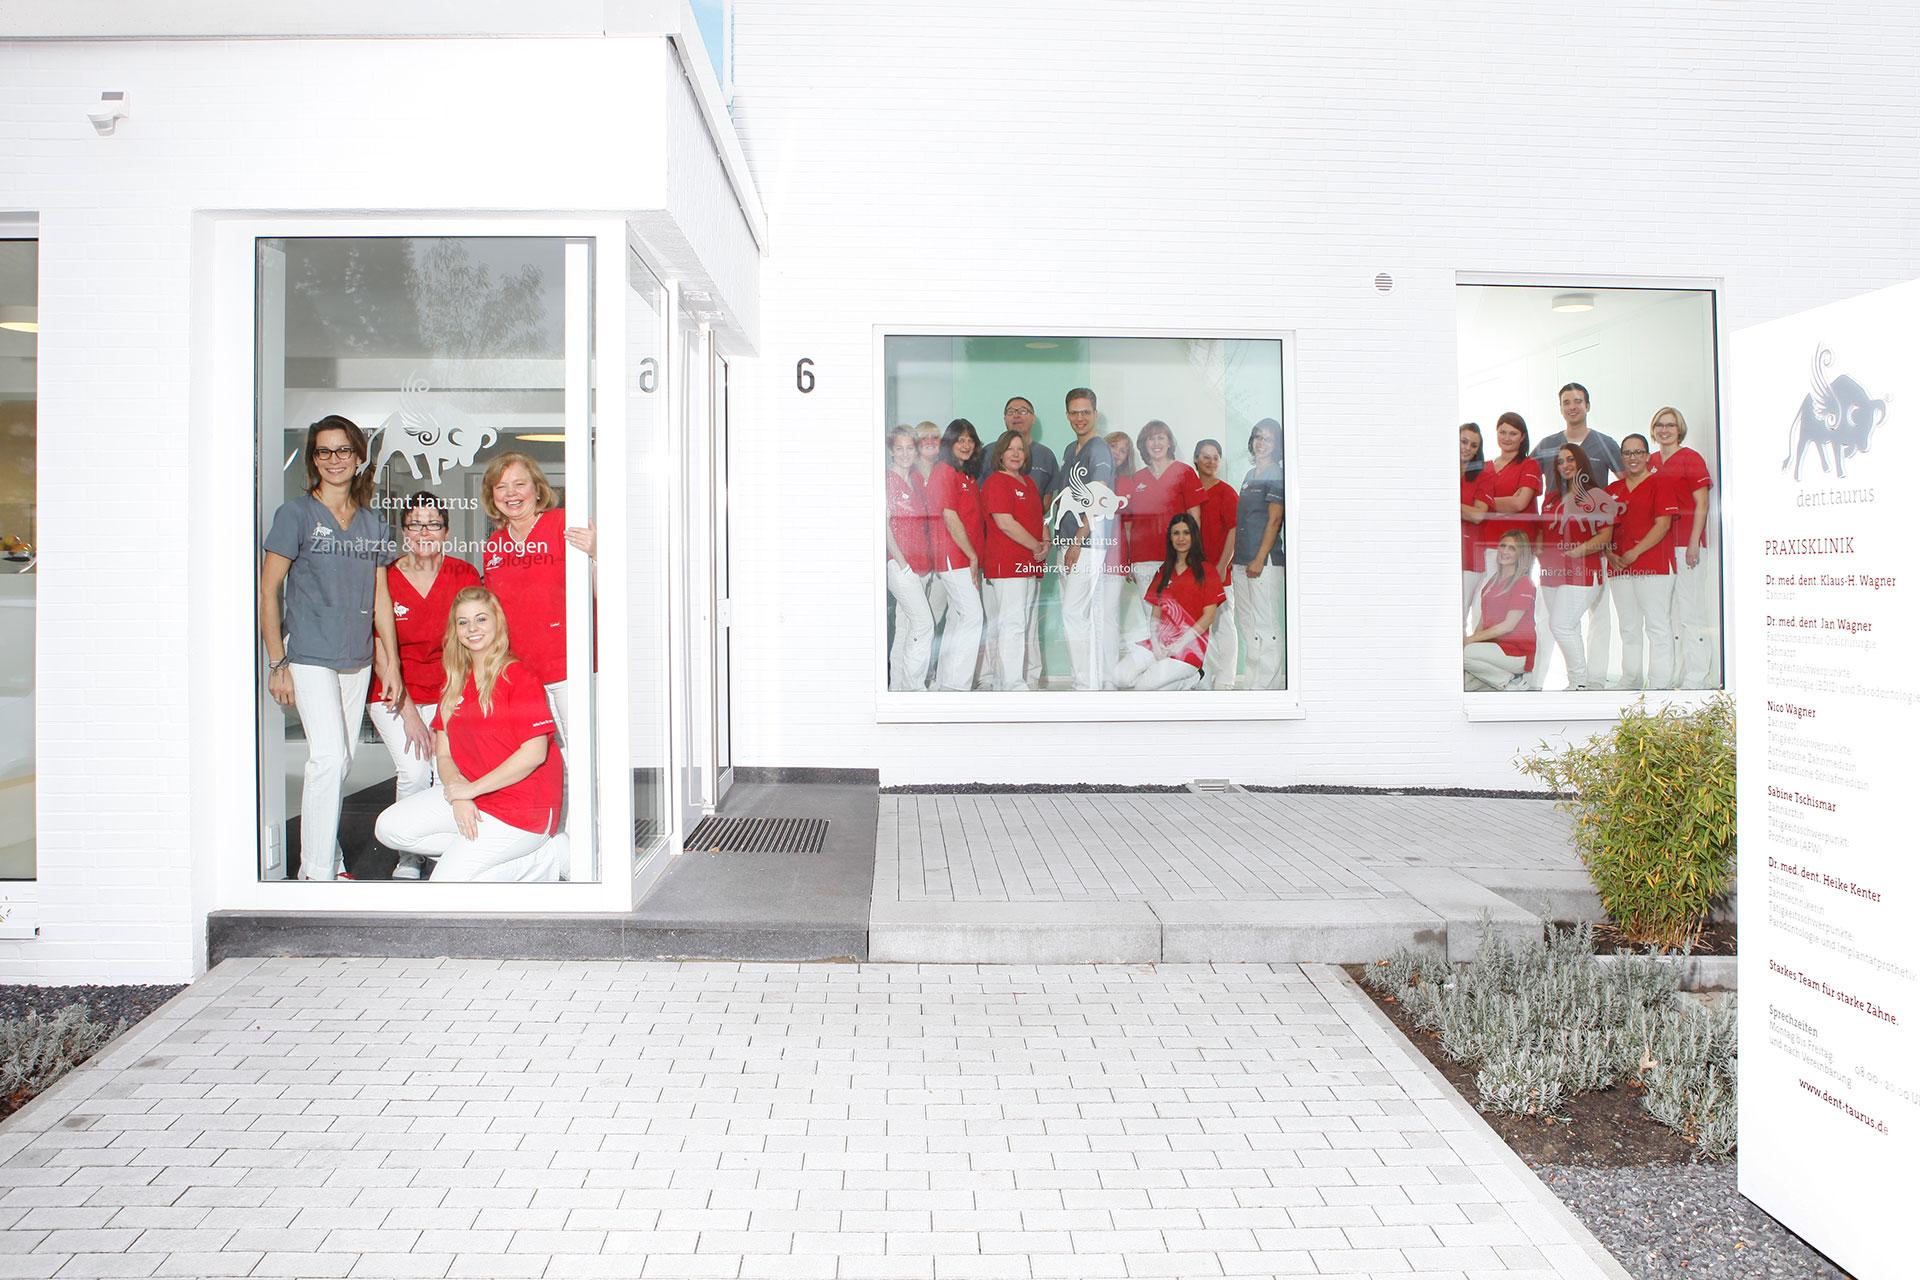 Die Praxisklinik dent.taurus Zahnärzte und Implantologen, liegt im nördlichen Ruhrgebiet, in Datteln.